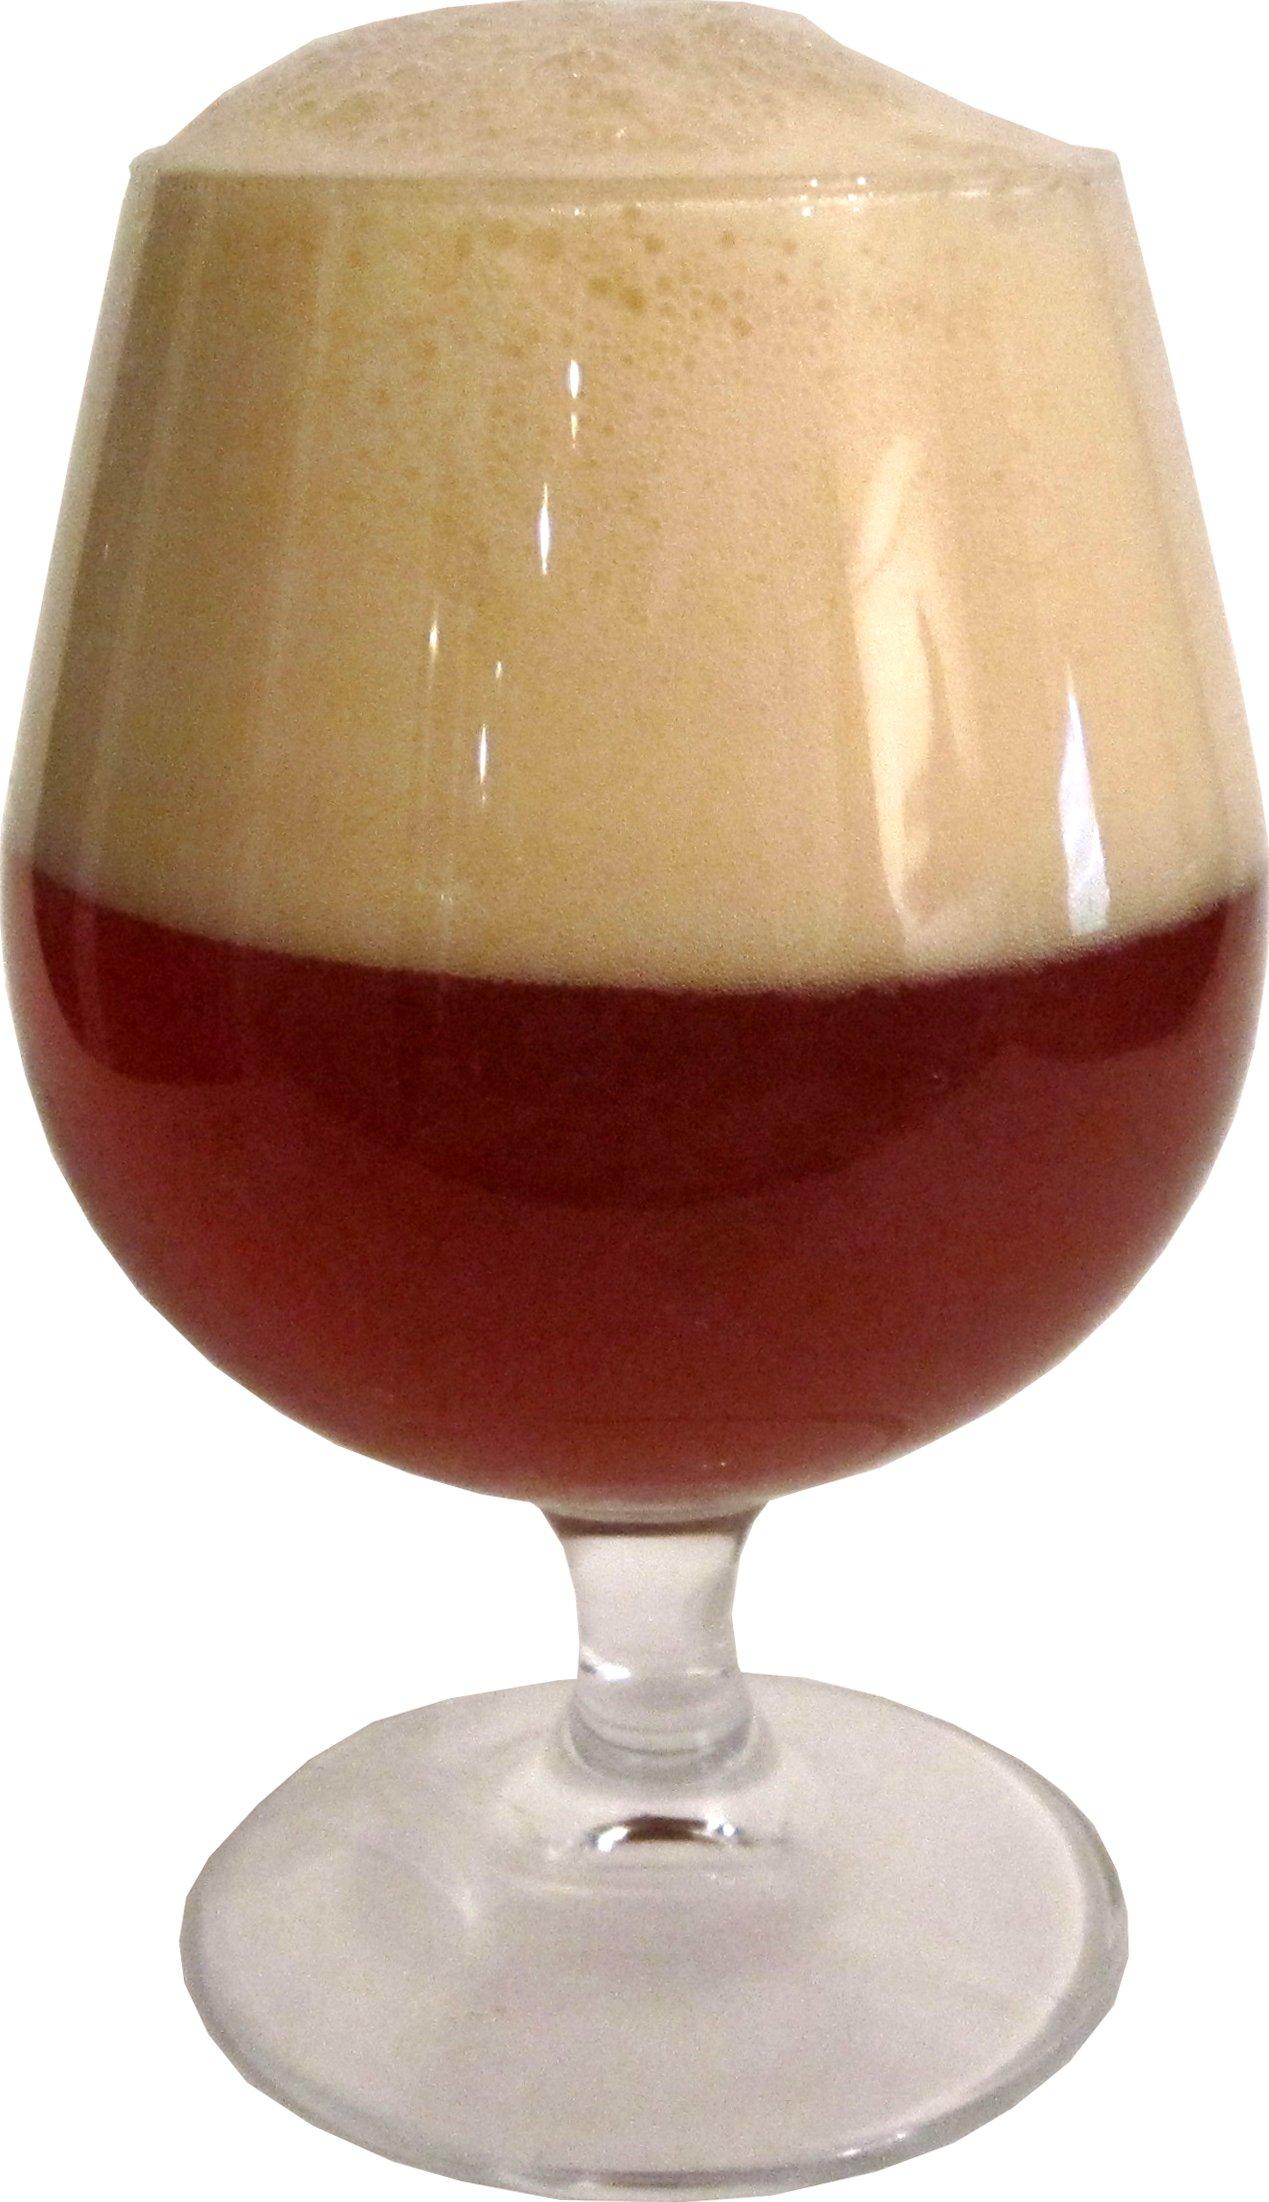 Es mejor tomar cerveza en vaso y no directamente de botella for Copa cerveza